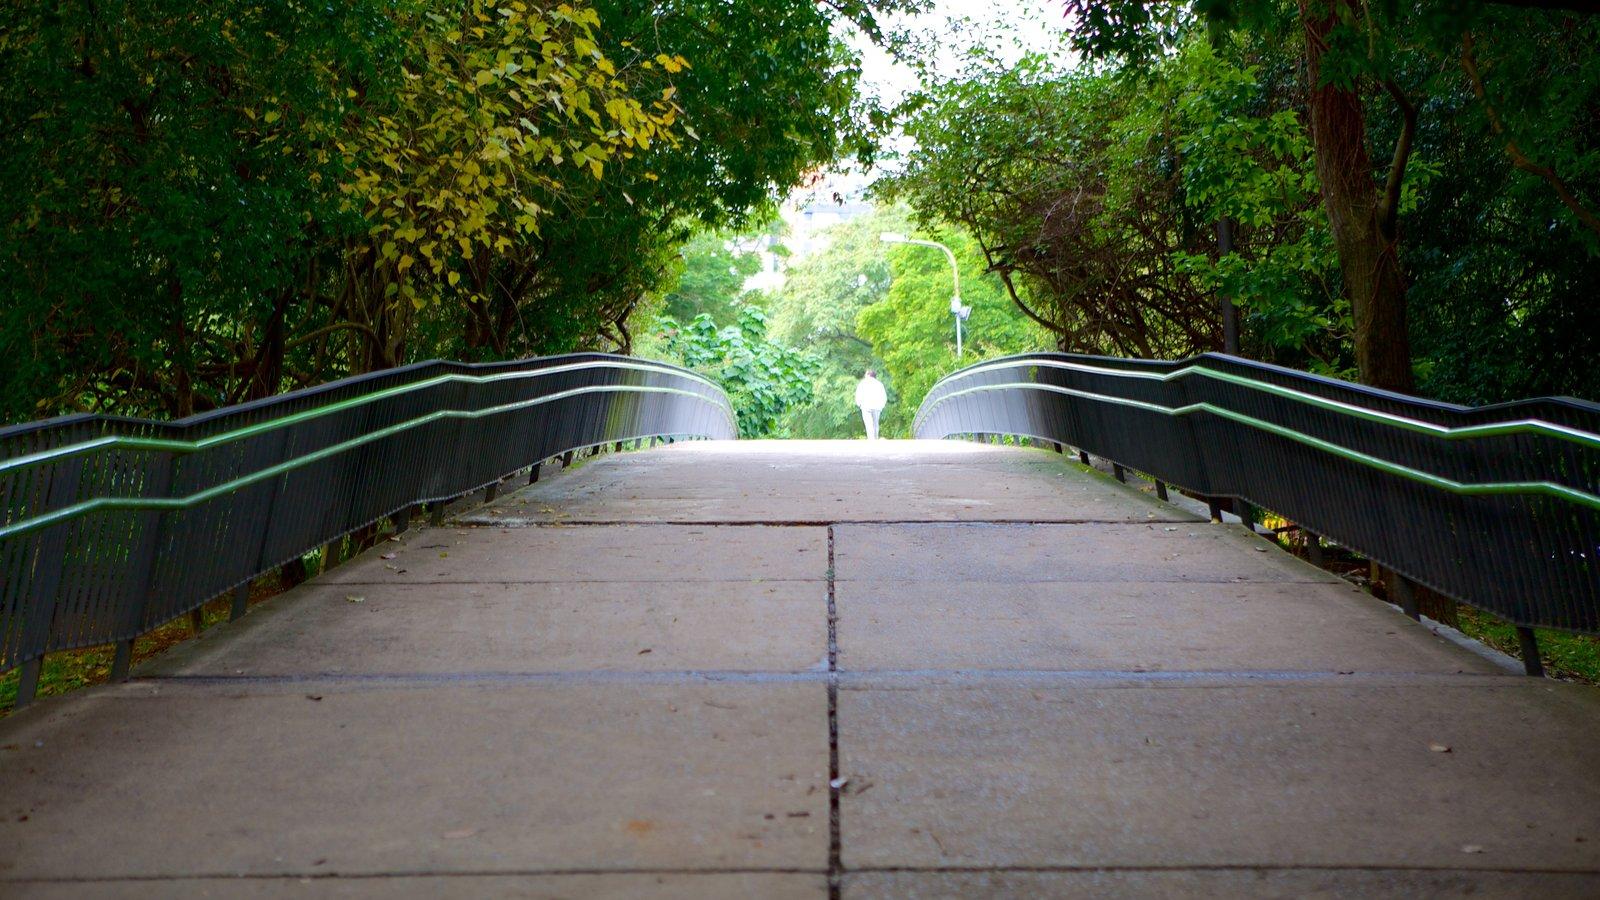 Parque Moinhos de Vento que inclui um jardim e uma ponte